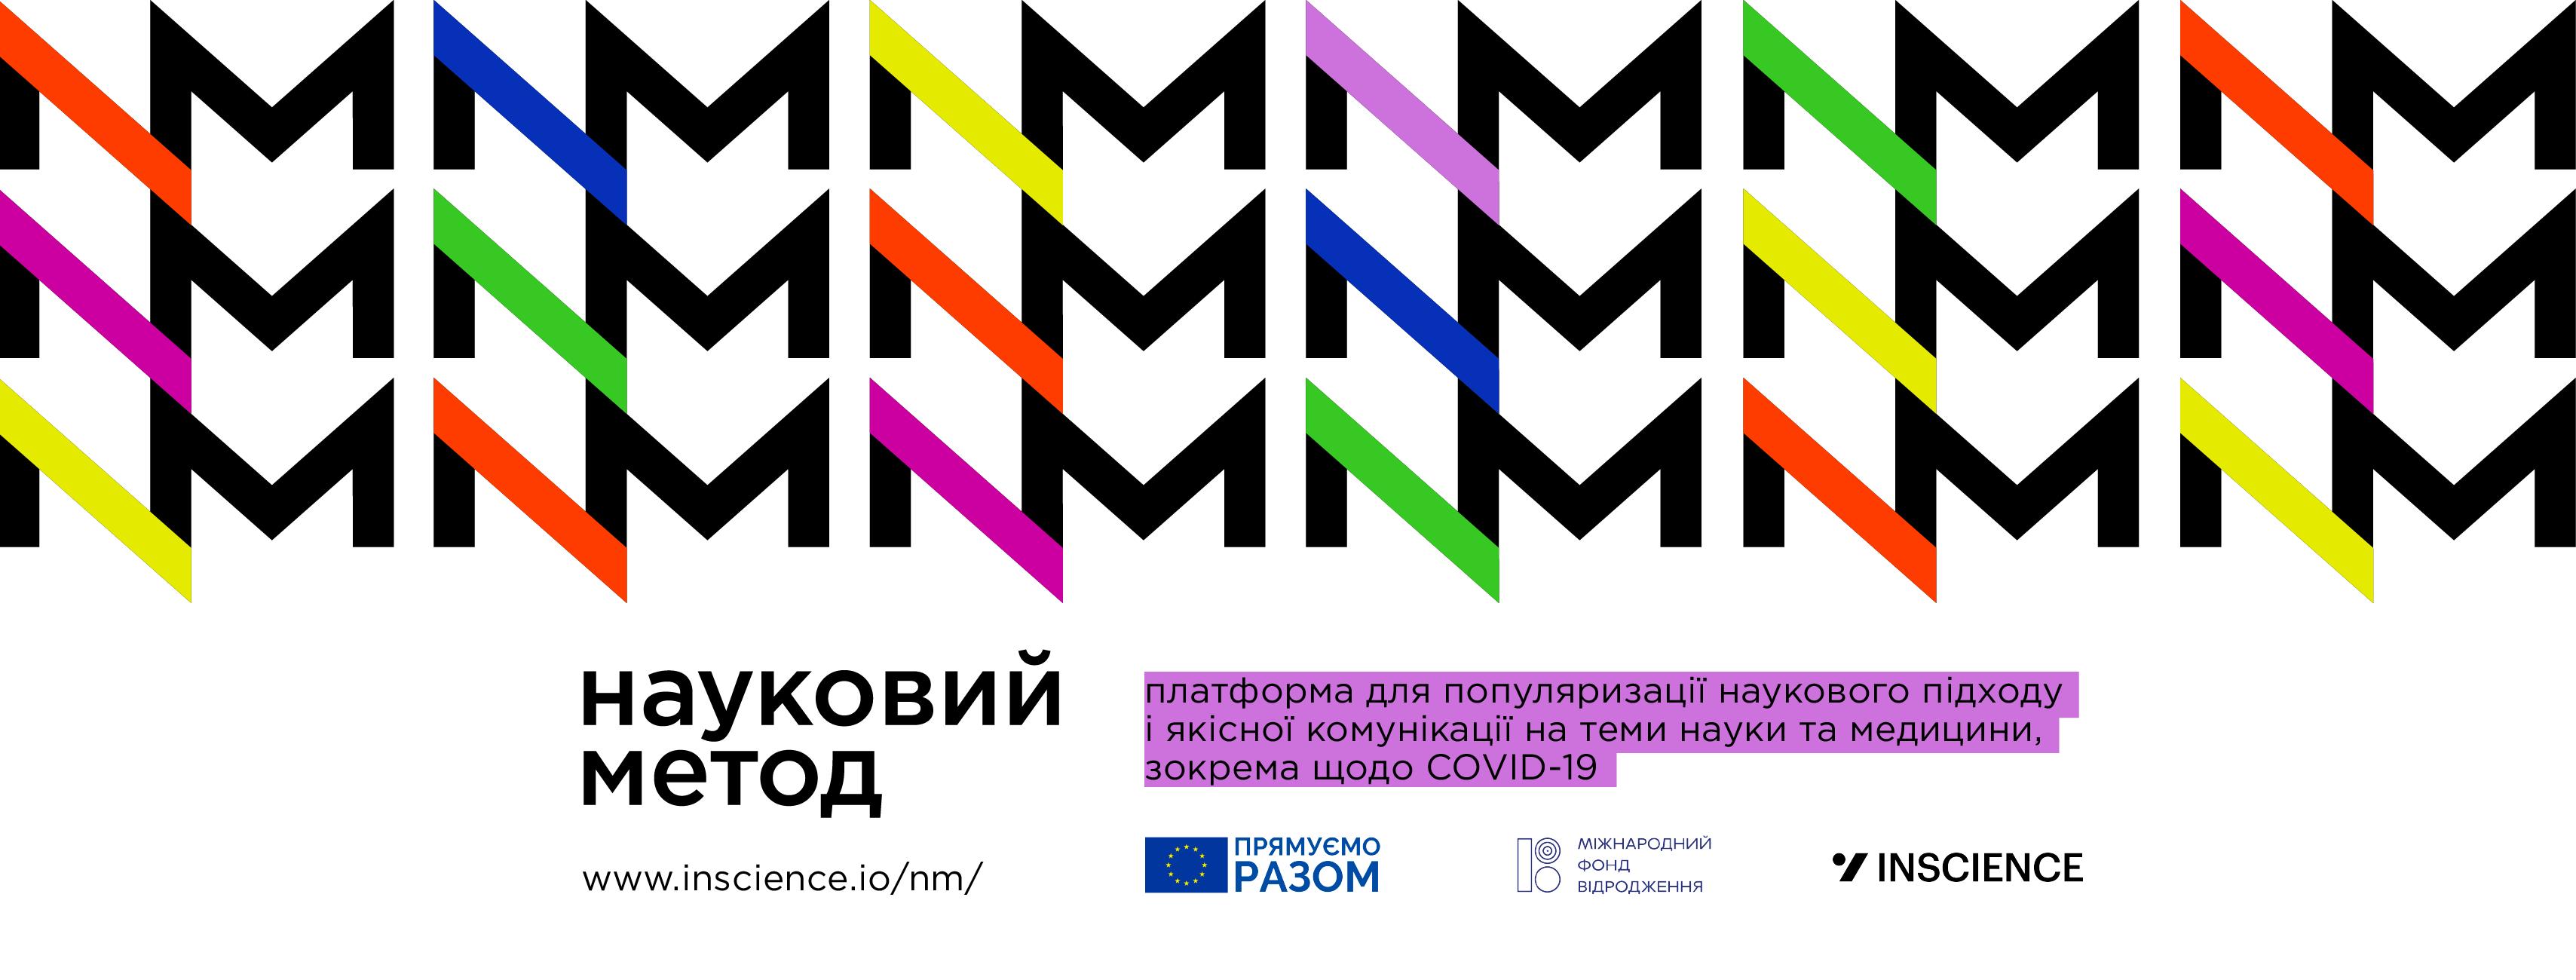 В Україні запустили платформу, яка буде розповідати про науку і боротись з фейками